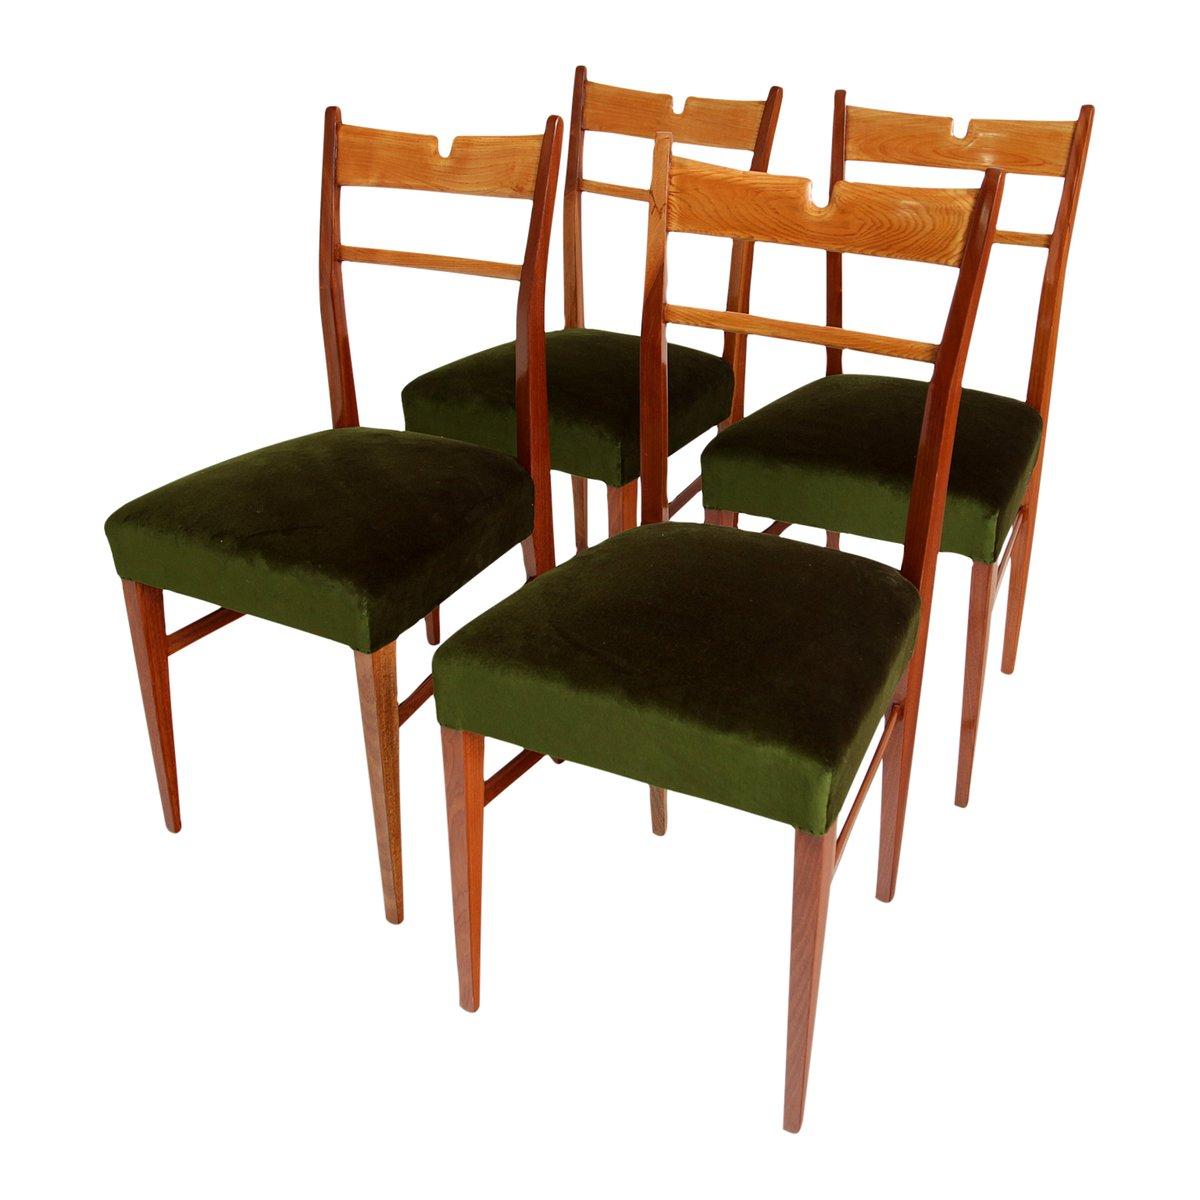 italienische esszimmerst hle aus holz mit gr nem samtbezug 1950er 4er set bei pamono kaufen. Black Bedroom Furniture Sets. Home Design Ideas